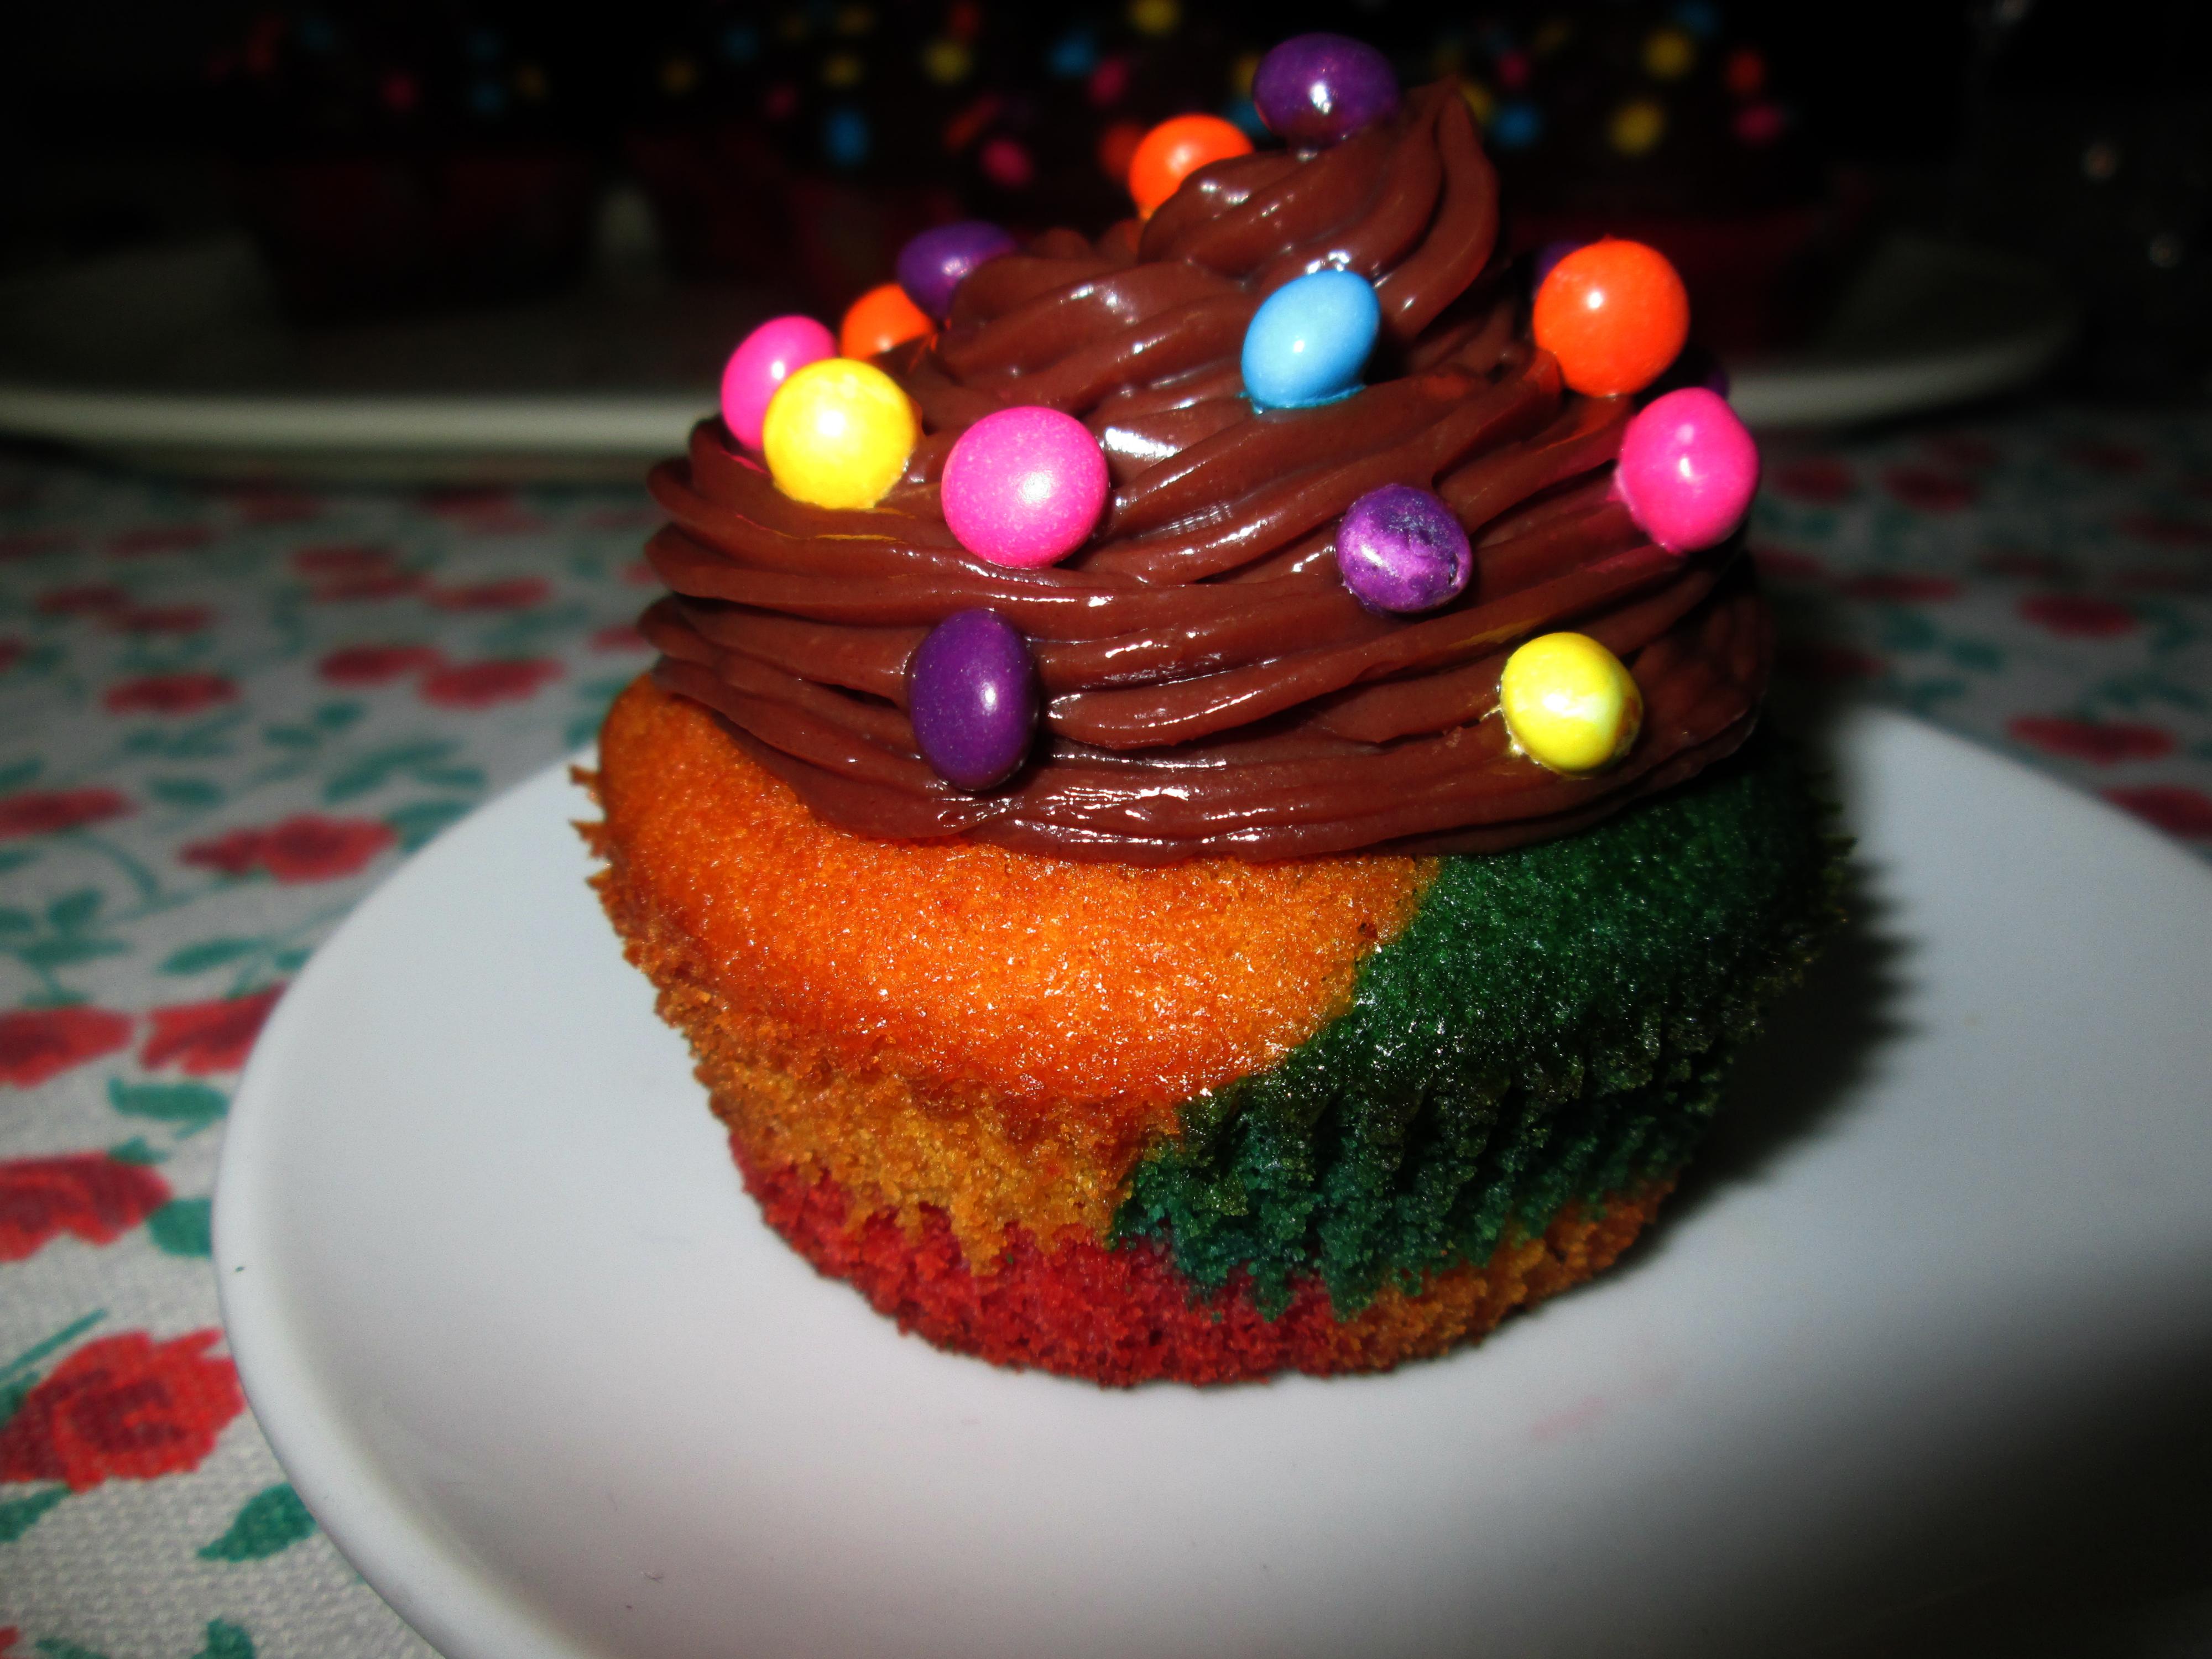 Cupcakes arlecchino la cucina azzurra di francesca for La cucina di francesca valmadonna